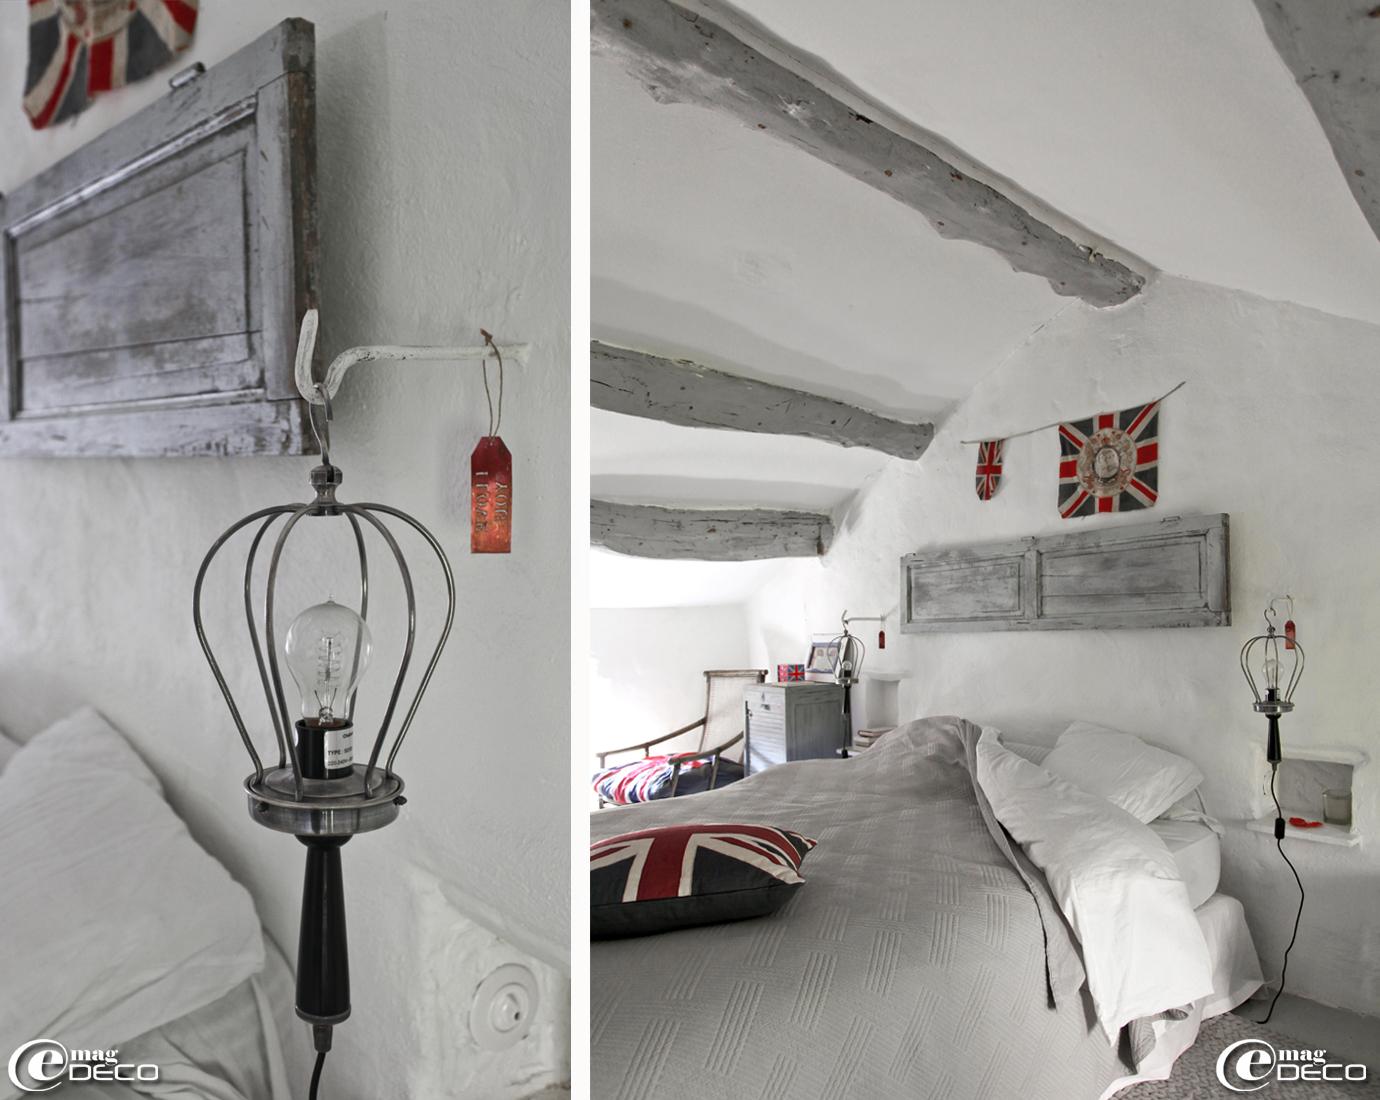 Deux baladeuses de réédition Chehoma encadrent un lit en guise de lampes de chevet